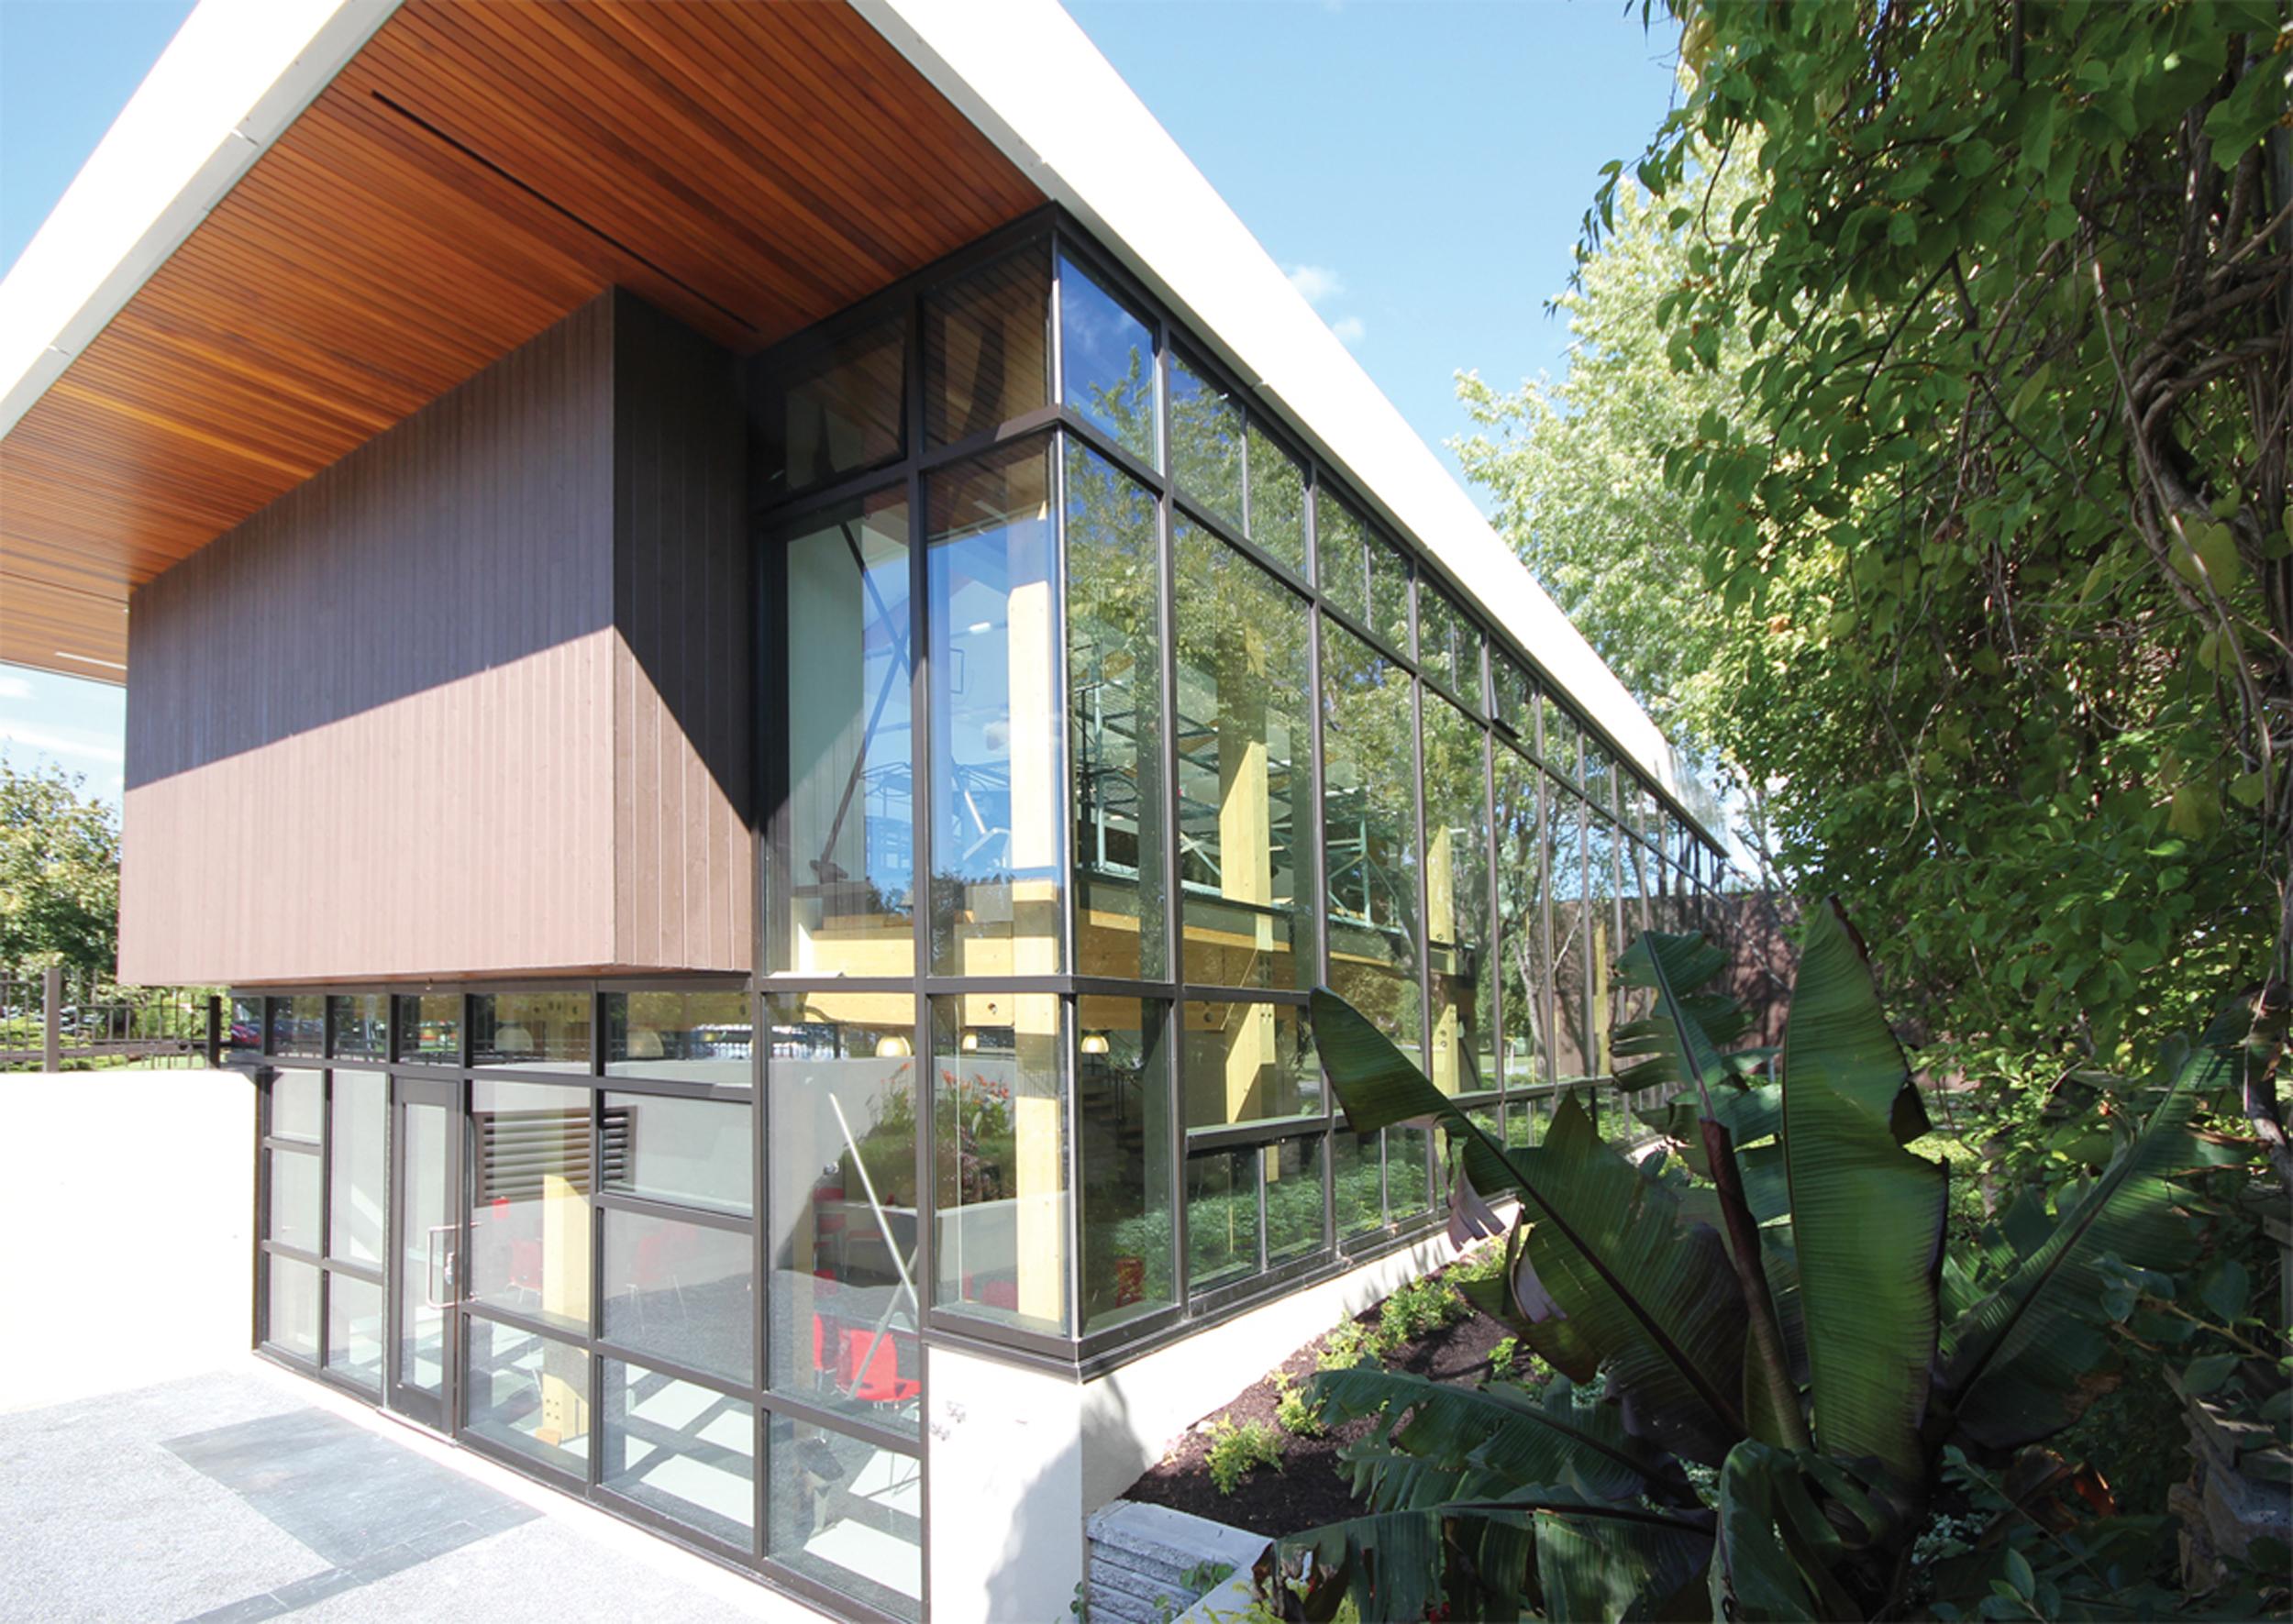 Pavillon horticole écoresponsable – ITA Campus de St-Hyacinthe Cecobois 1